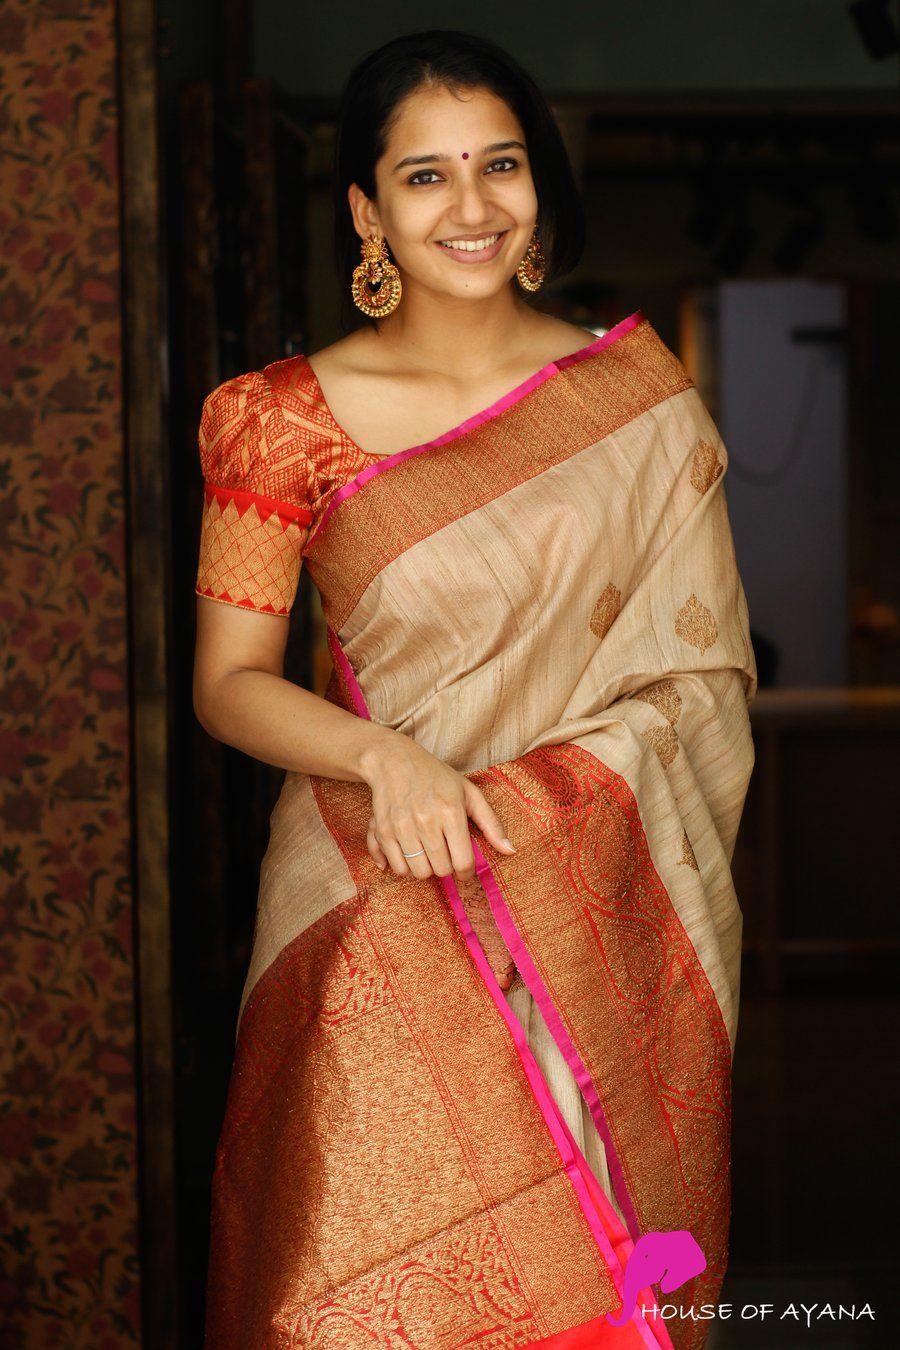 Buy Banarasi Silk Sarees Online | Banarasi Silk Saree Shop In Chennai - House of Ayana